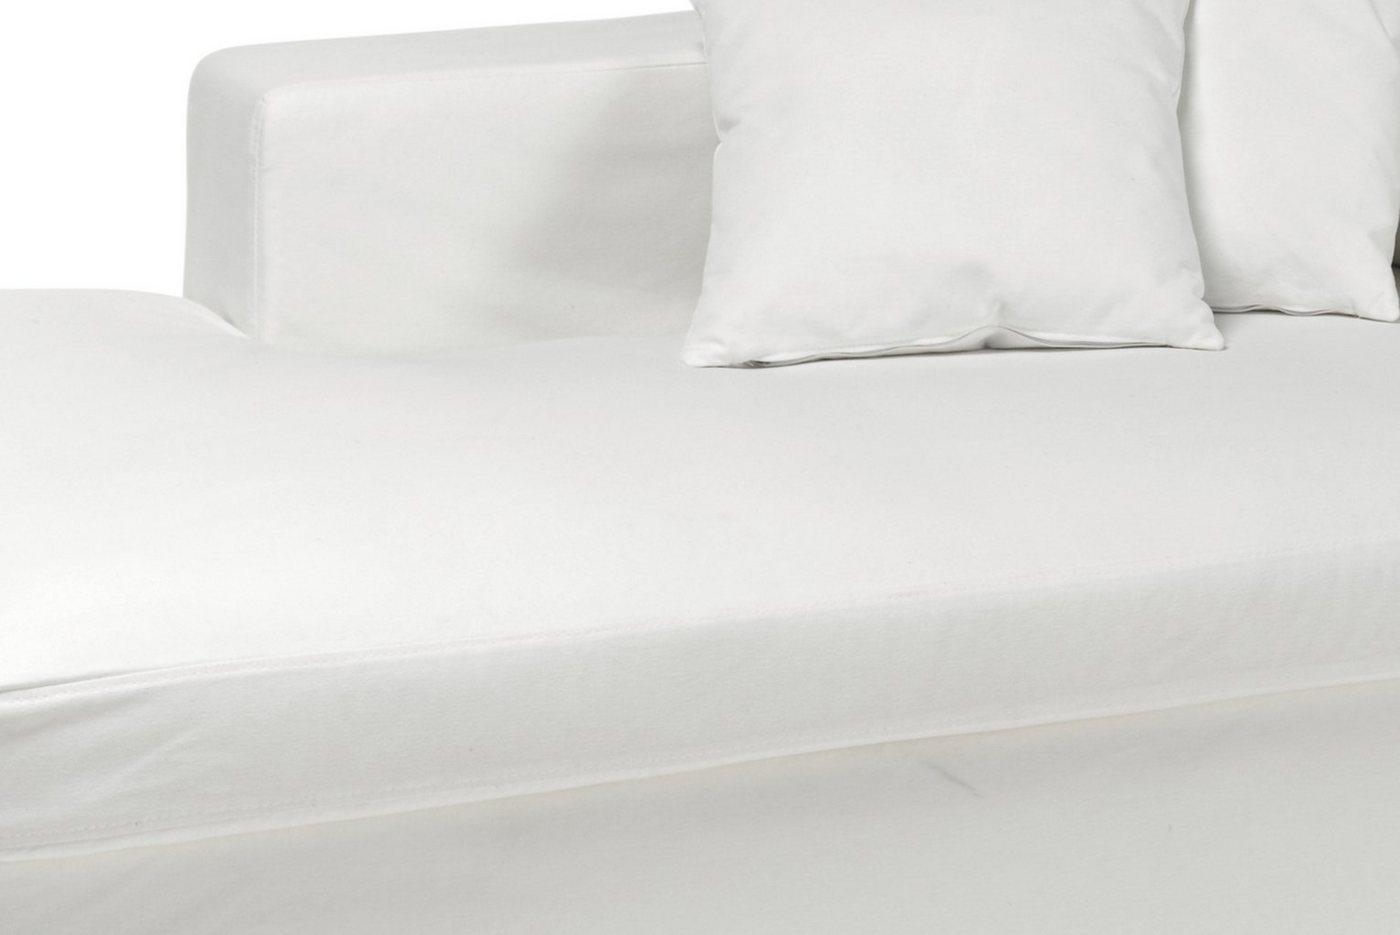 detaillierte Bilder neues Hoch sehr schön kunststoff Recamieren online kaufen | Möbel-Suchmaschine ...